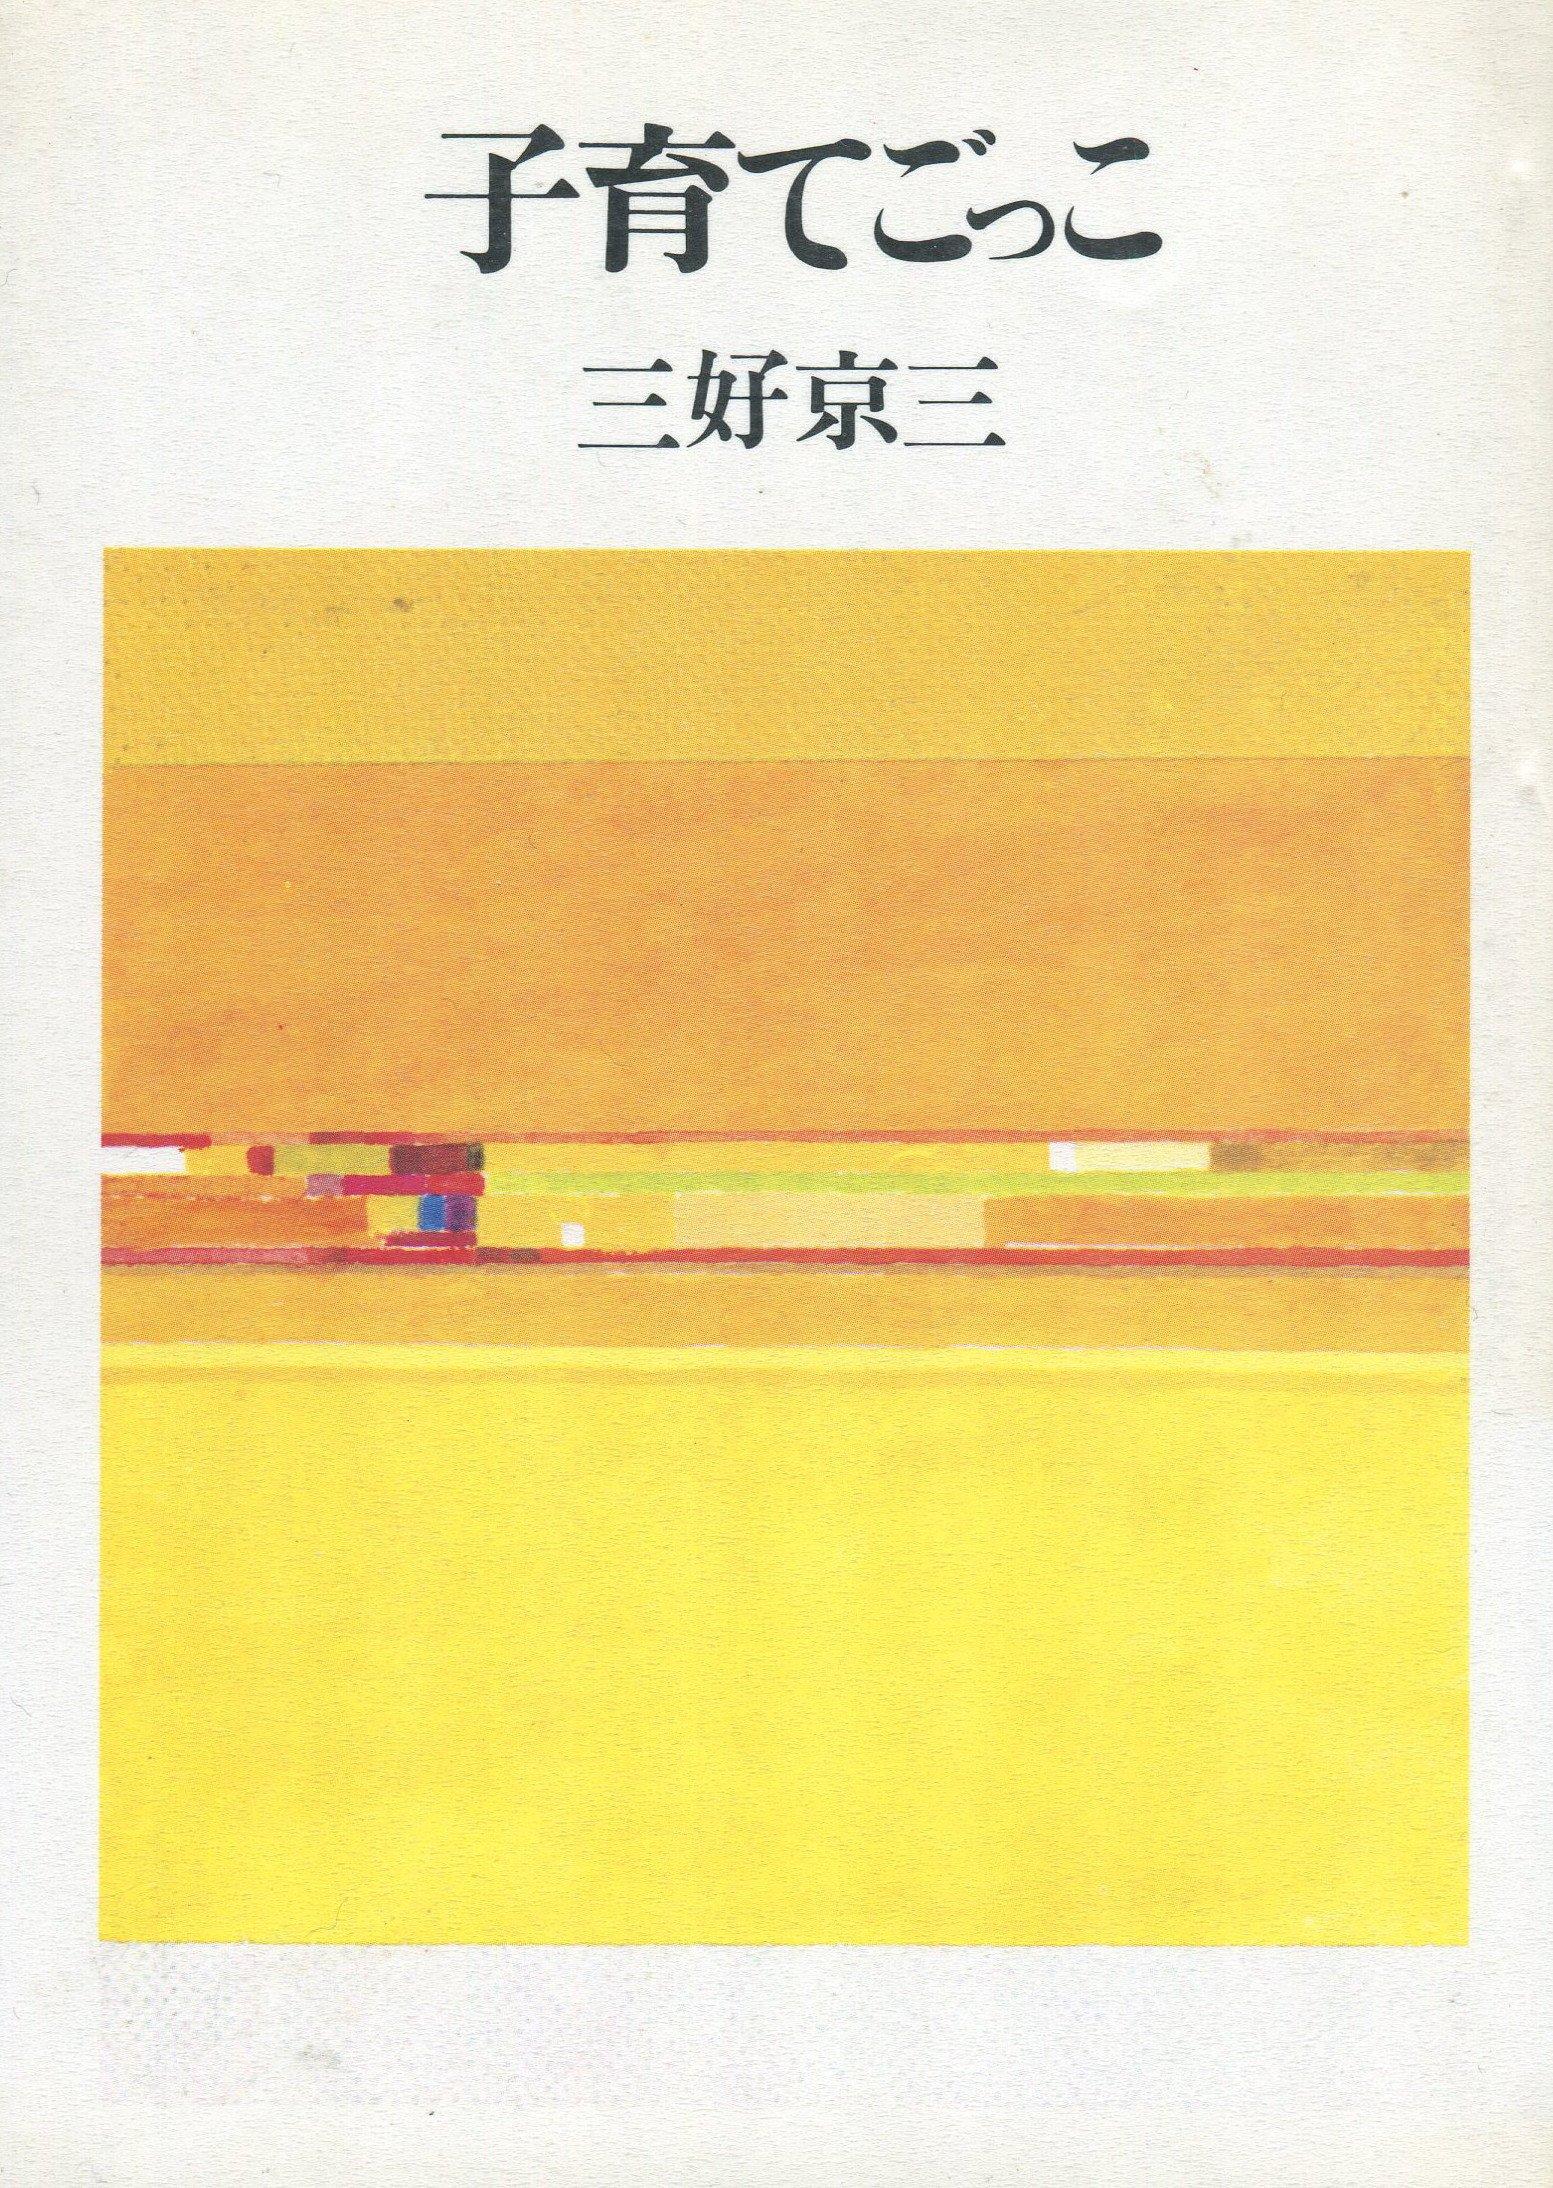 子育てごっこ | 三好 京三 |本 | 通販 | Amazon